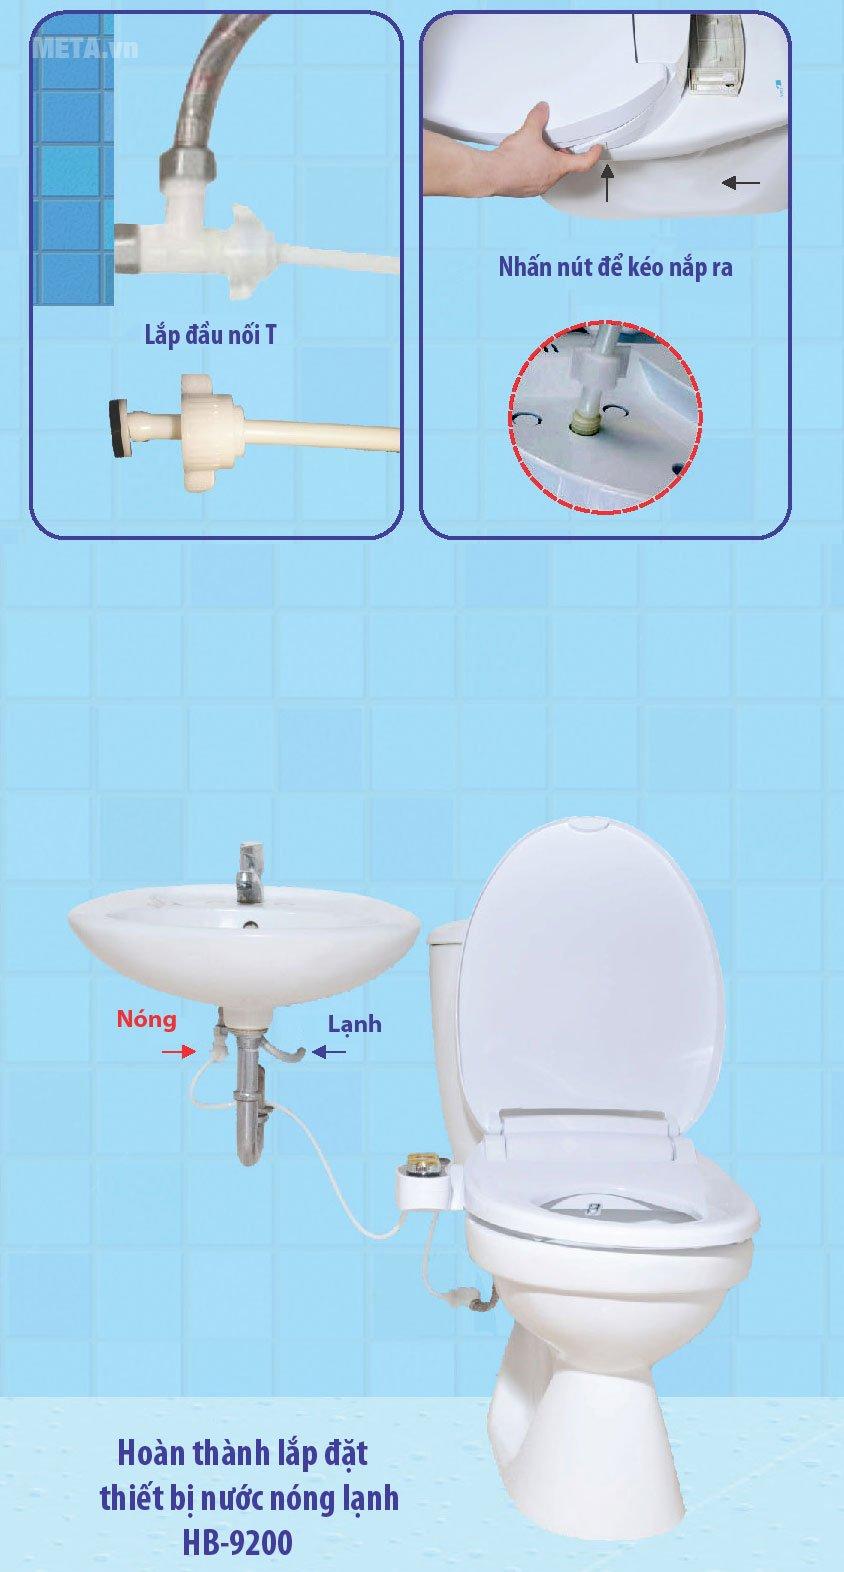 Thiết bị vệ sinh Hyundae Bidet 2 vòi phun HB-9200 có vòi nước nóng và lạnh